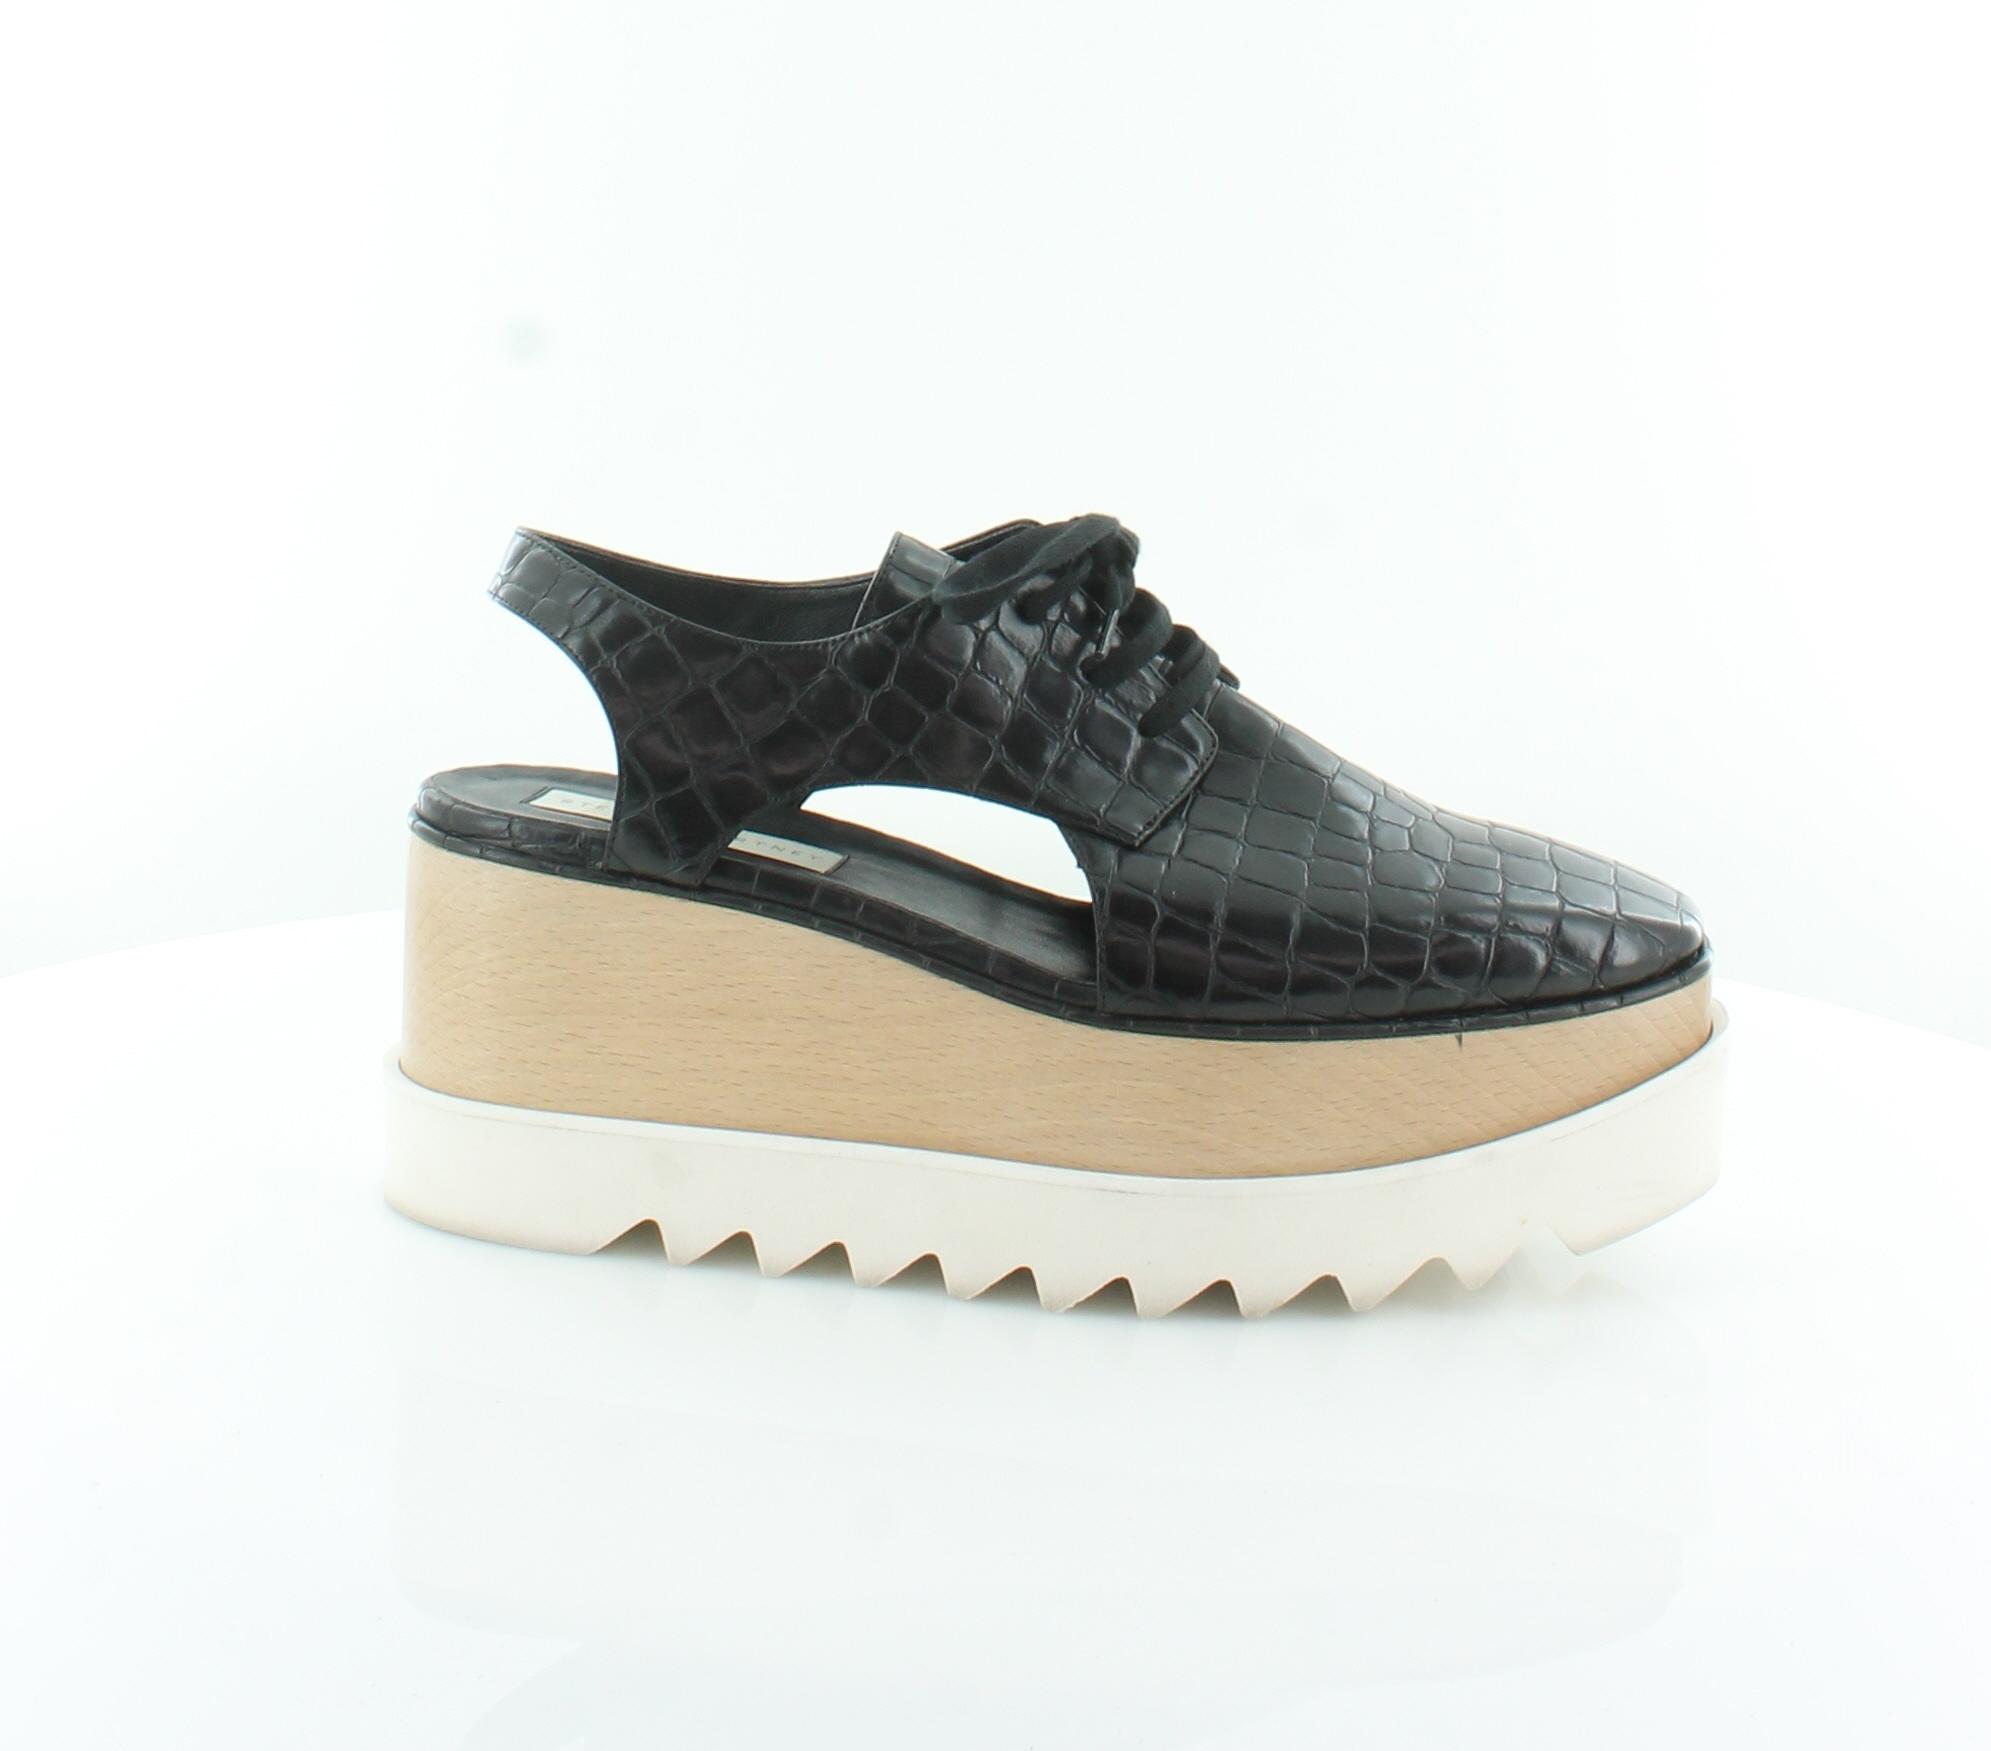 ordina ora con grande sconto e consegna gratuita Stella Mccartney Scarpa nero donna scarpe 10 M Fashion Fashion Fashion scarpe da ginnastica MSRP  1100  vendite dirette della fabbrica